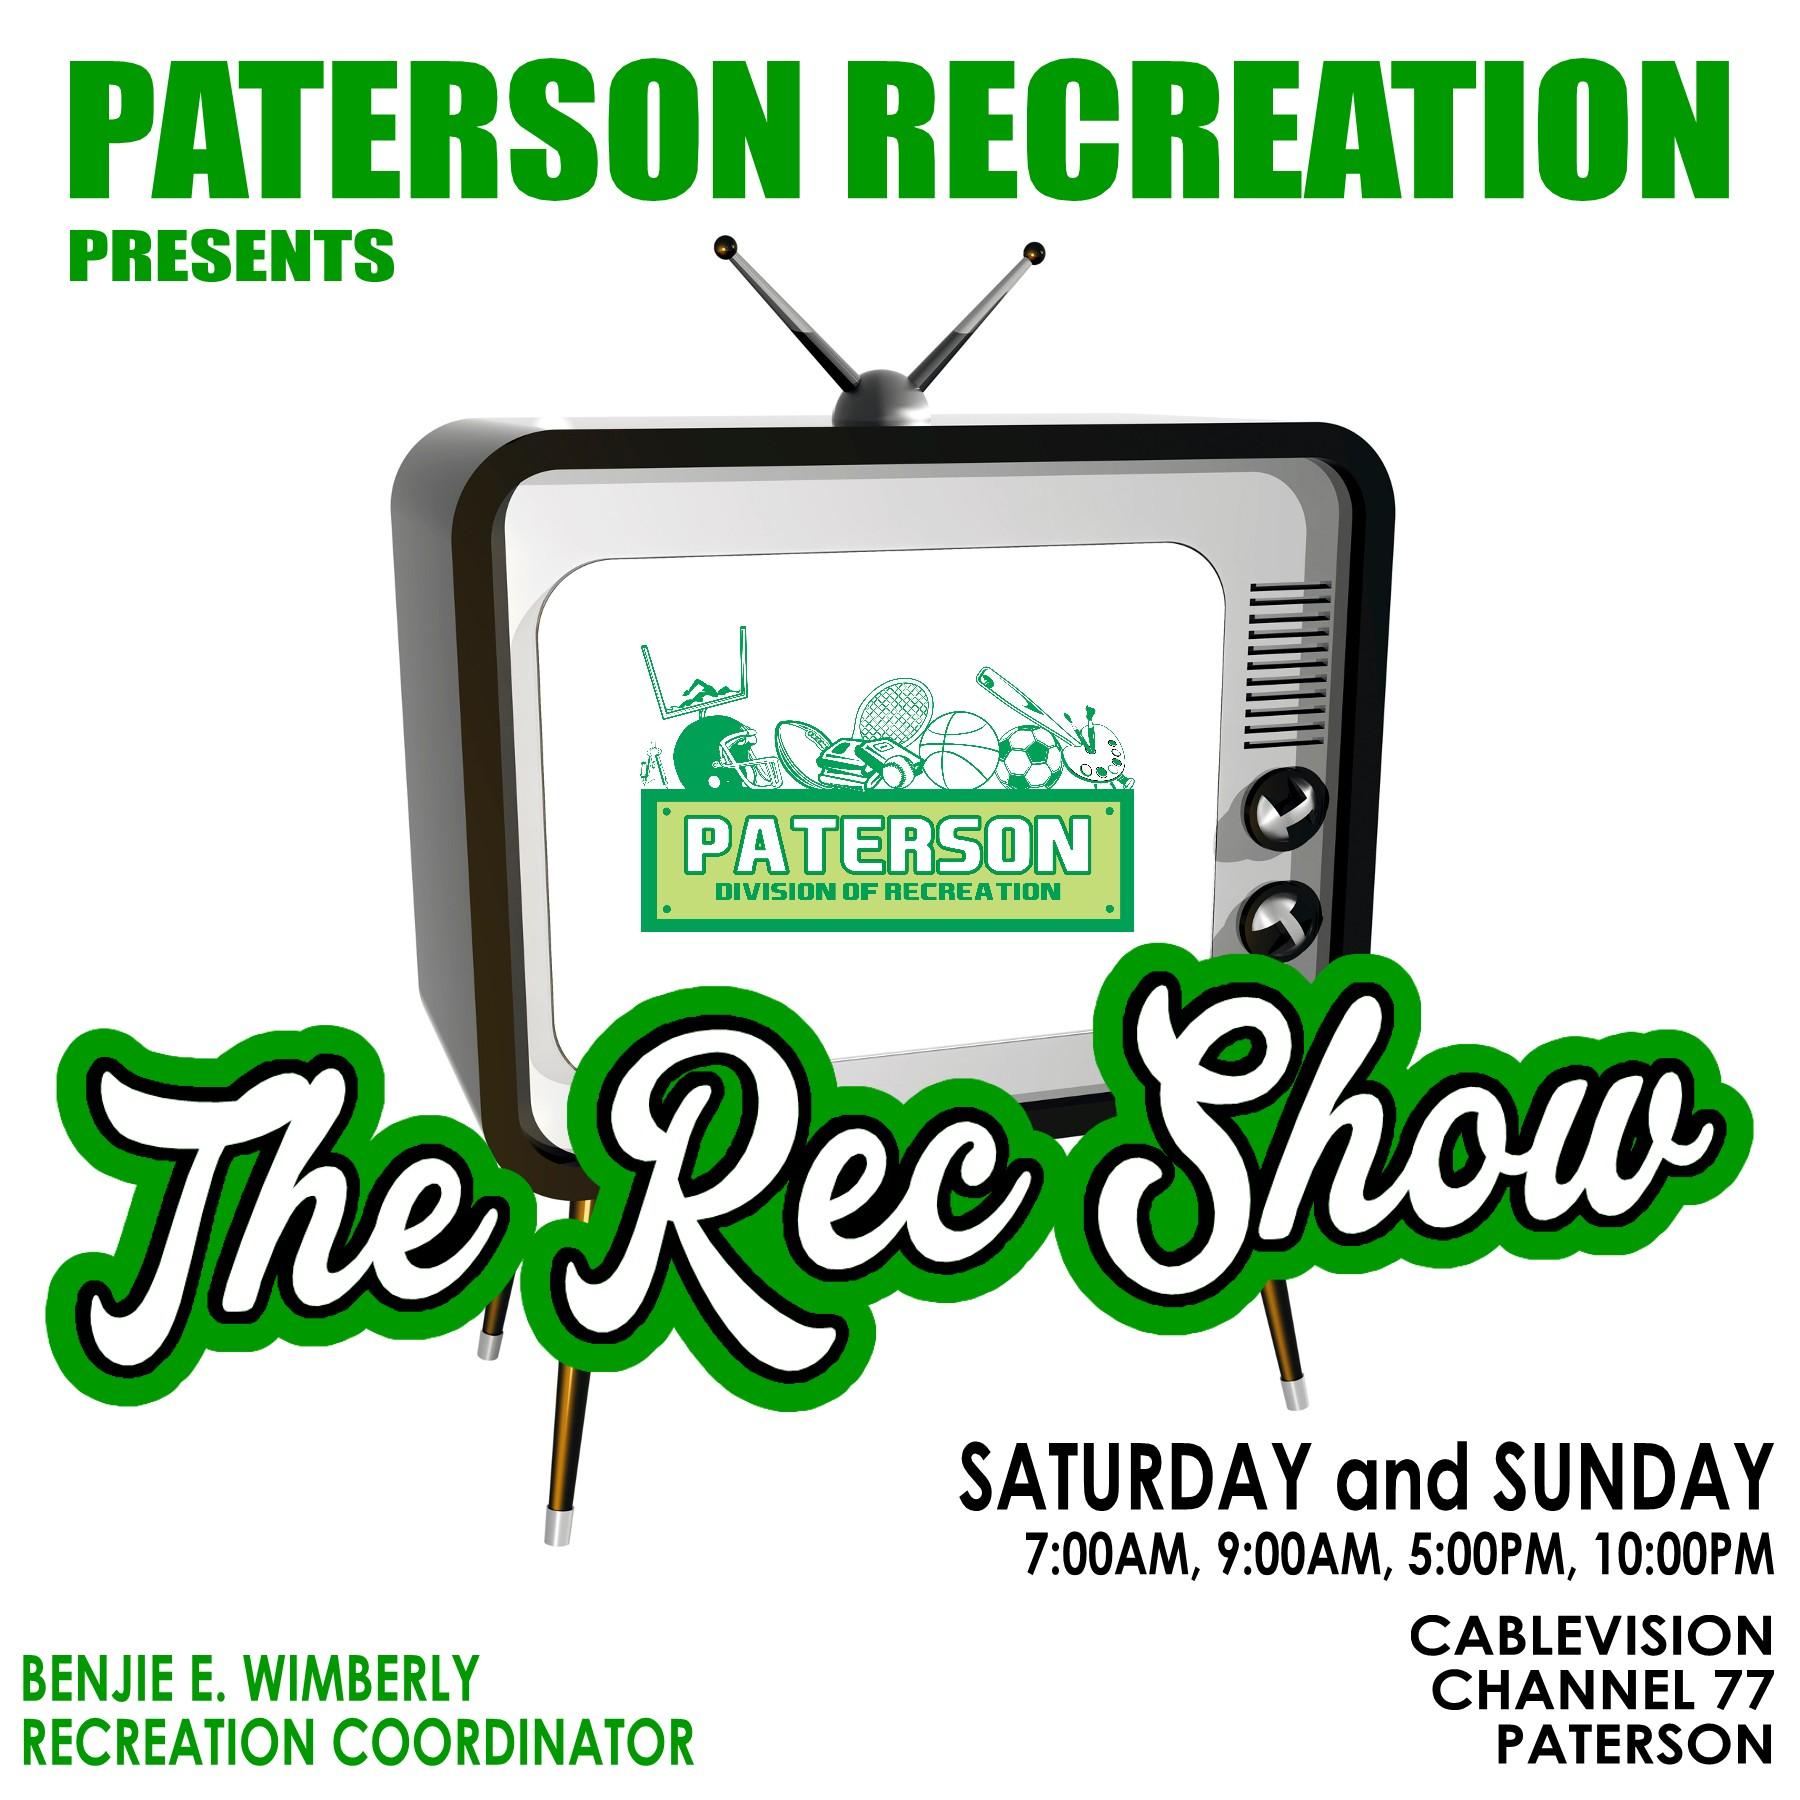 rec show